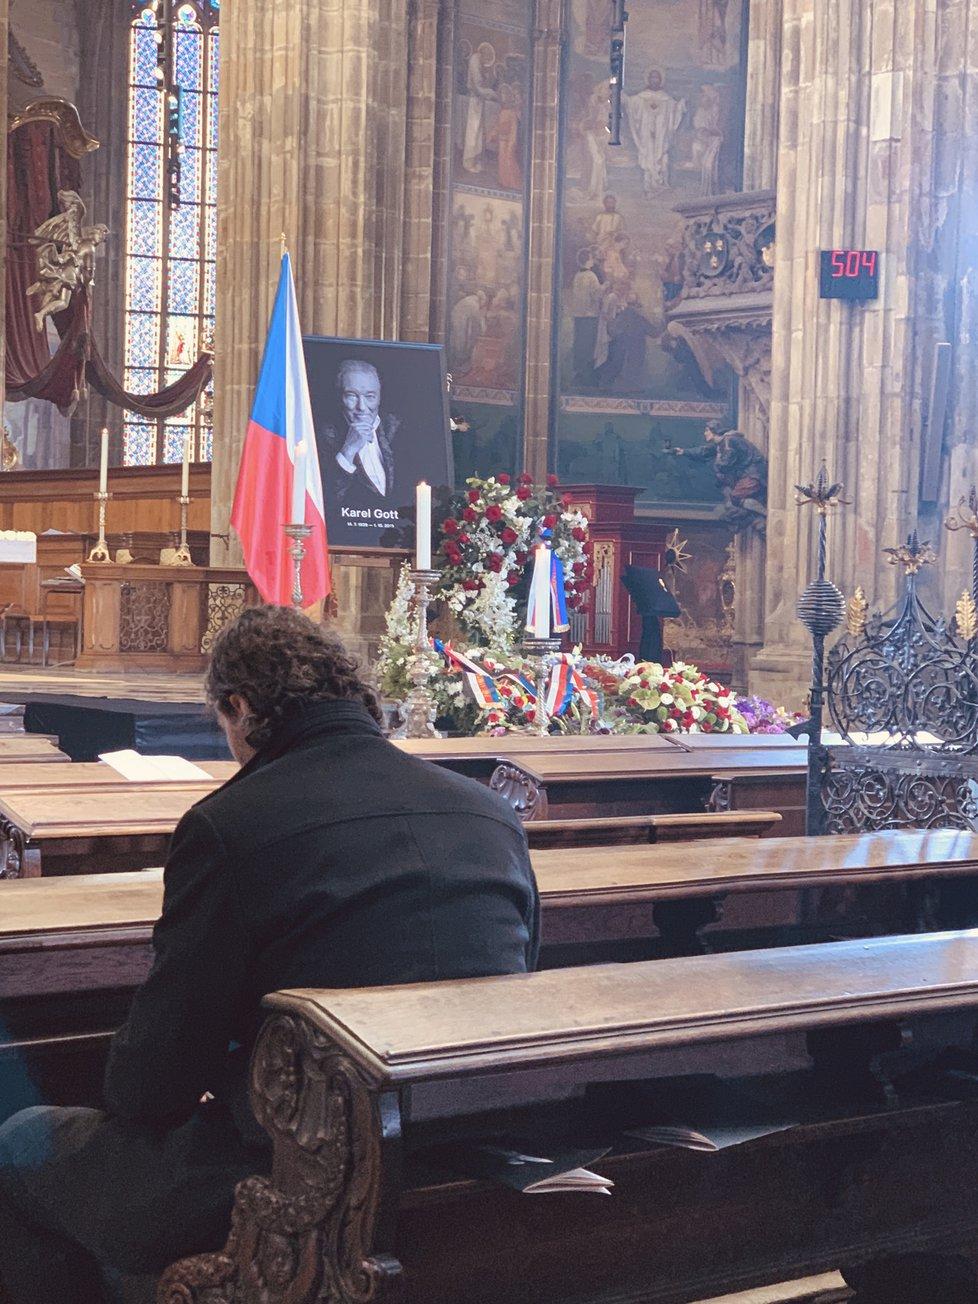 Nejdojemnější foto z pohřbu Karla Gotta (†80): Jágr zůstal sám v katedrále po obřadu!